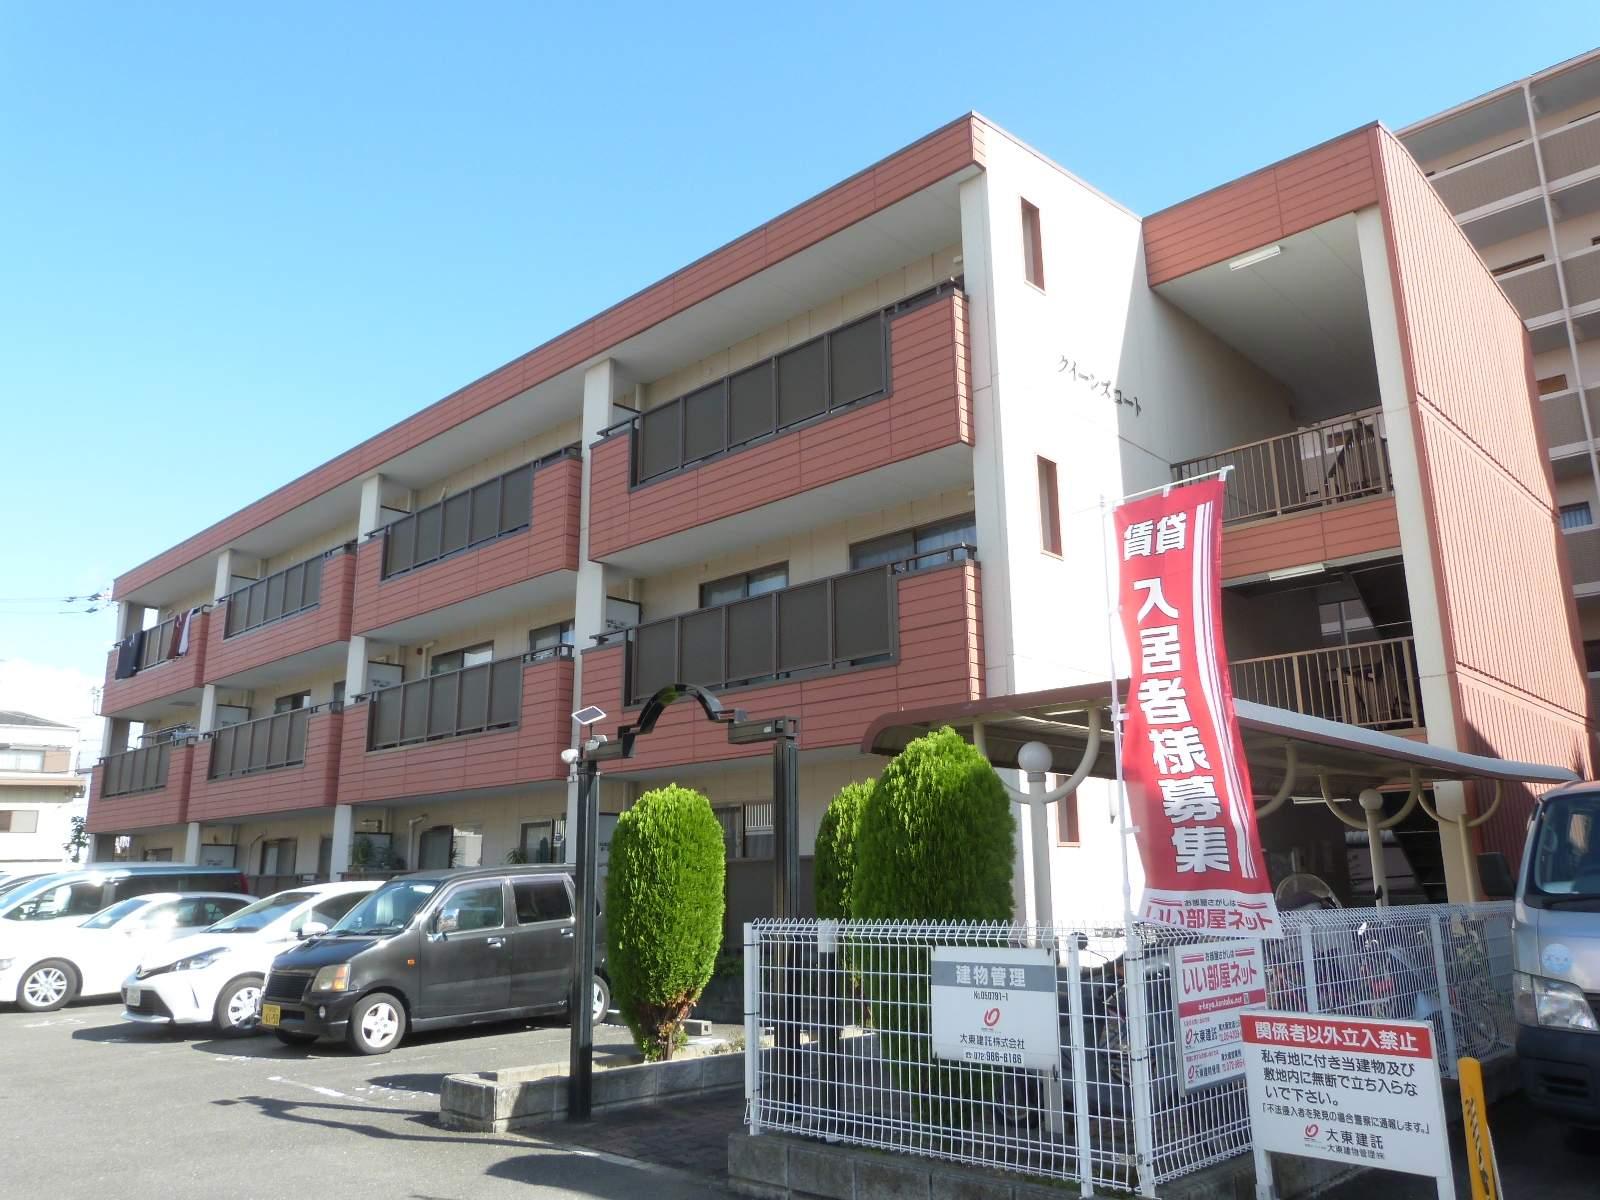 大阪府東大阪市、荒本駅徒歩21分の築20年 3階建の賃貸マンション